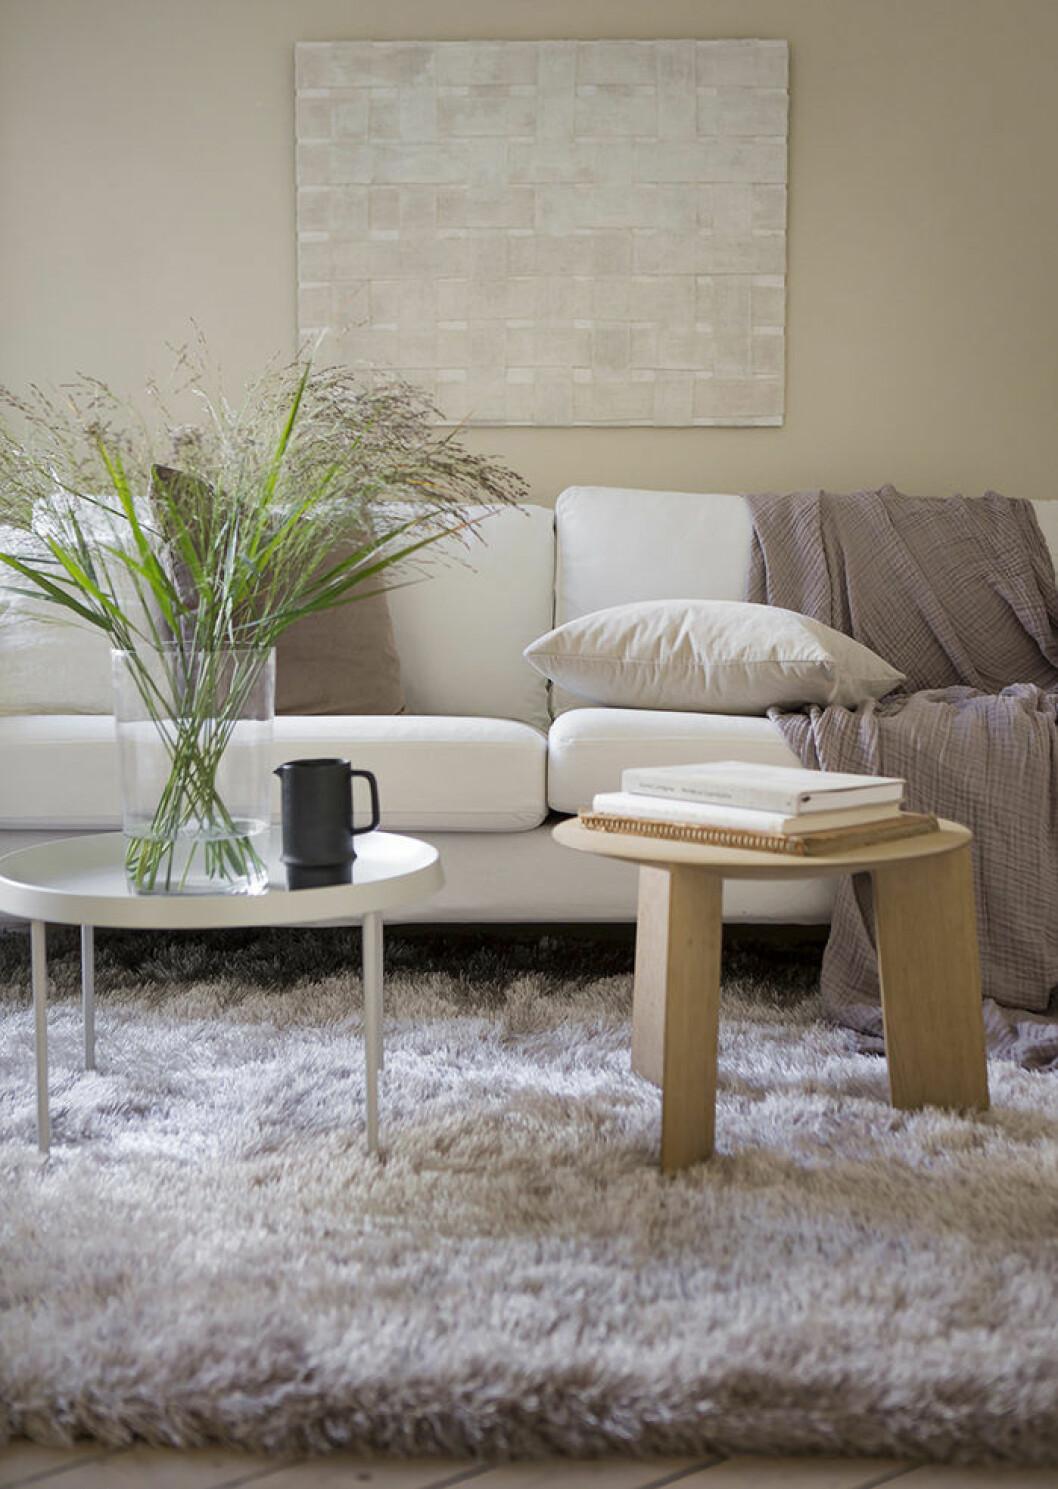 Gör vardagsrummet mysigare med en fluffig matta